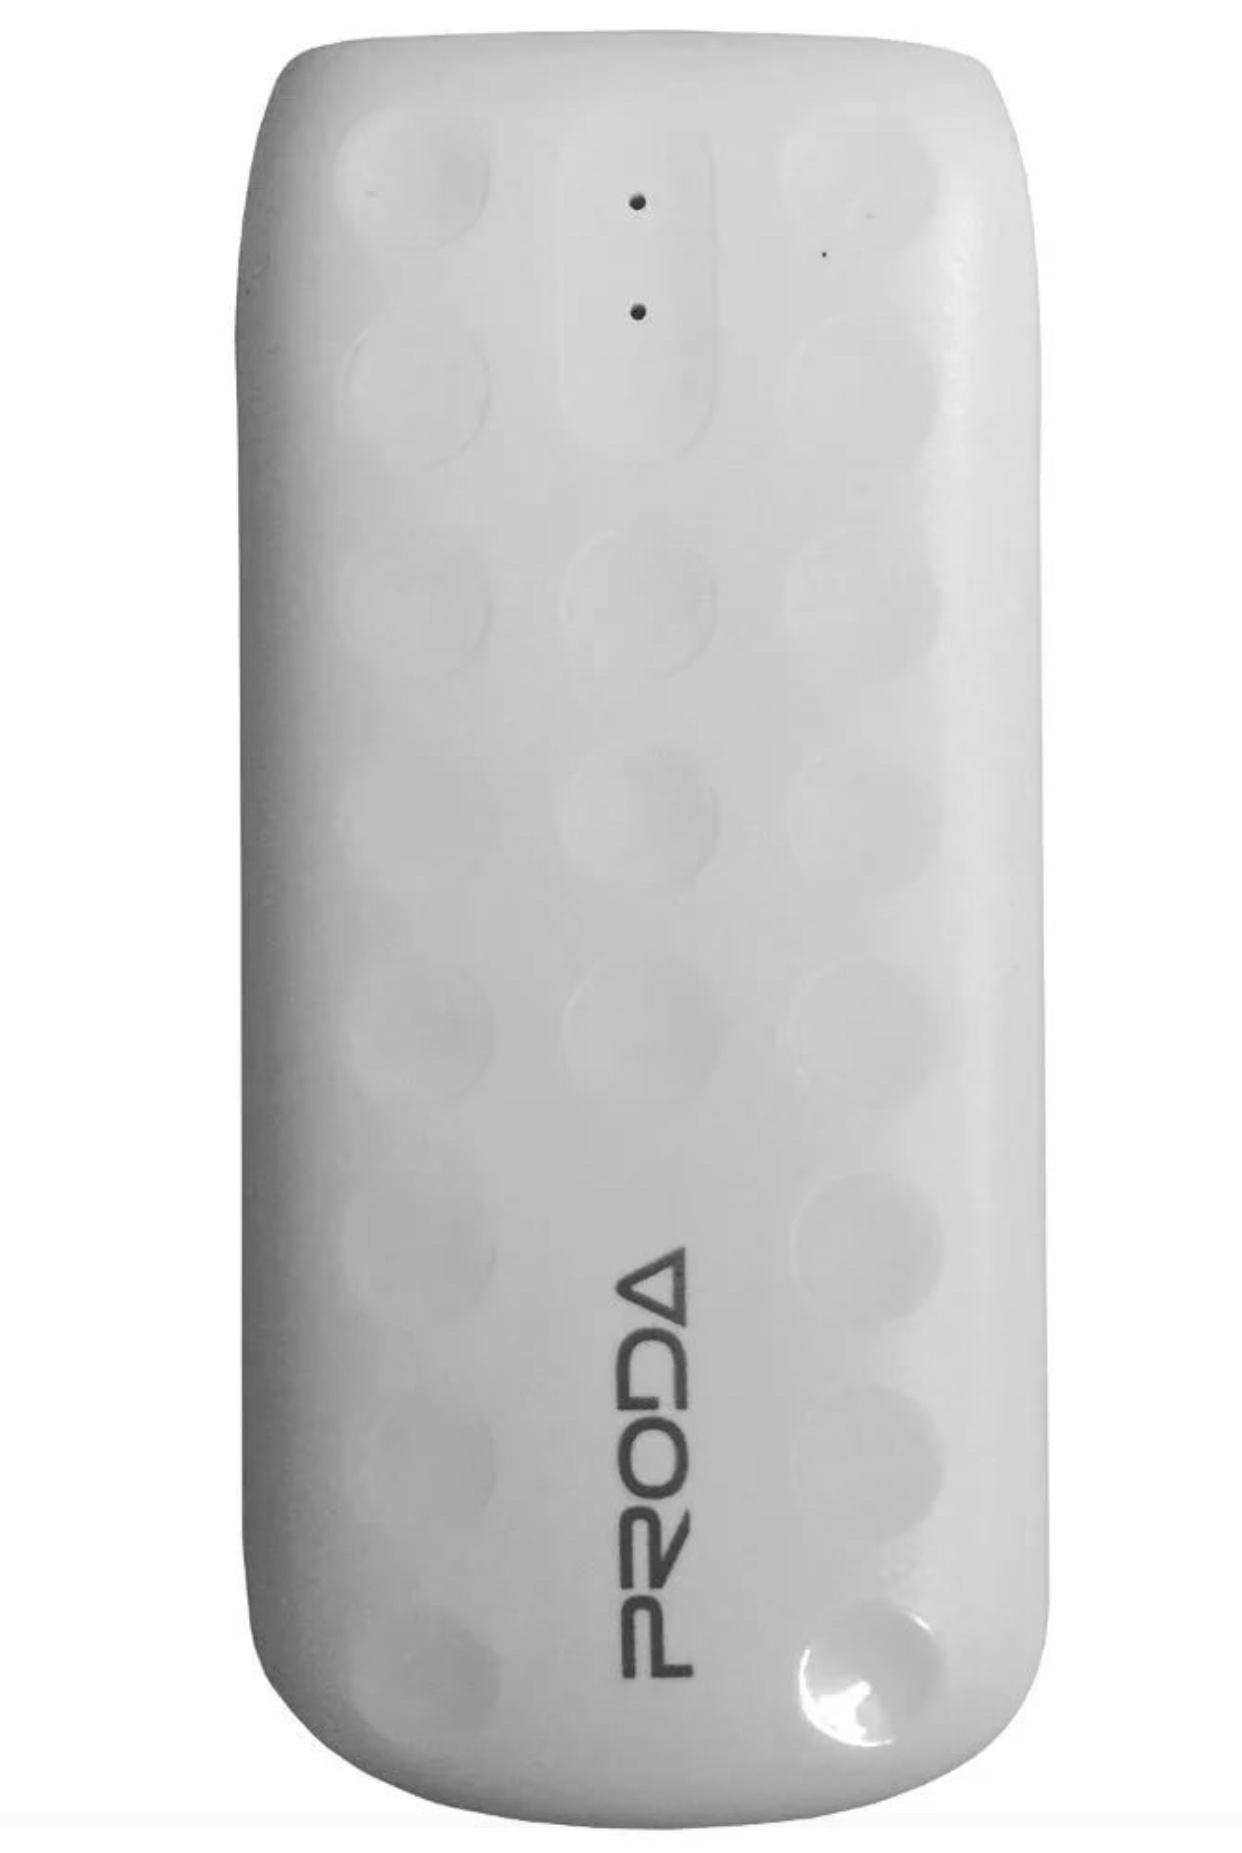 Внешний аккумулятор REMAX Power Bank Внешний аккумулятор Remax Proda 5000 mAh розовый, CPB-5000, белый аккумулятор remax power bank v10i proda jane series 20000mah red